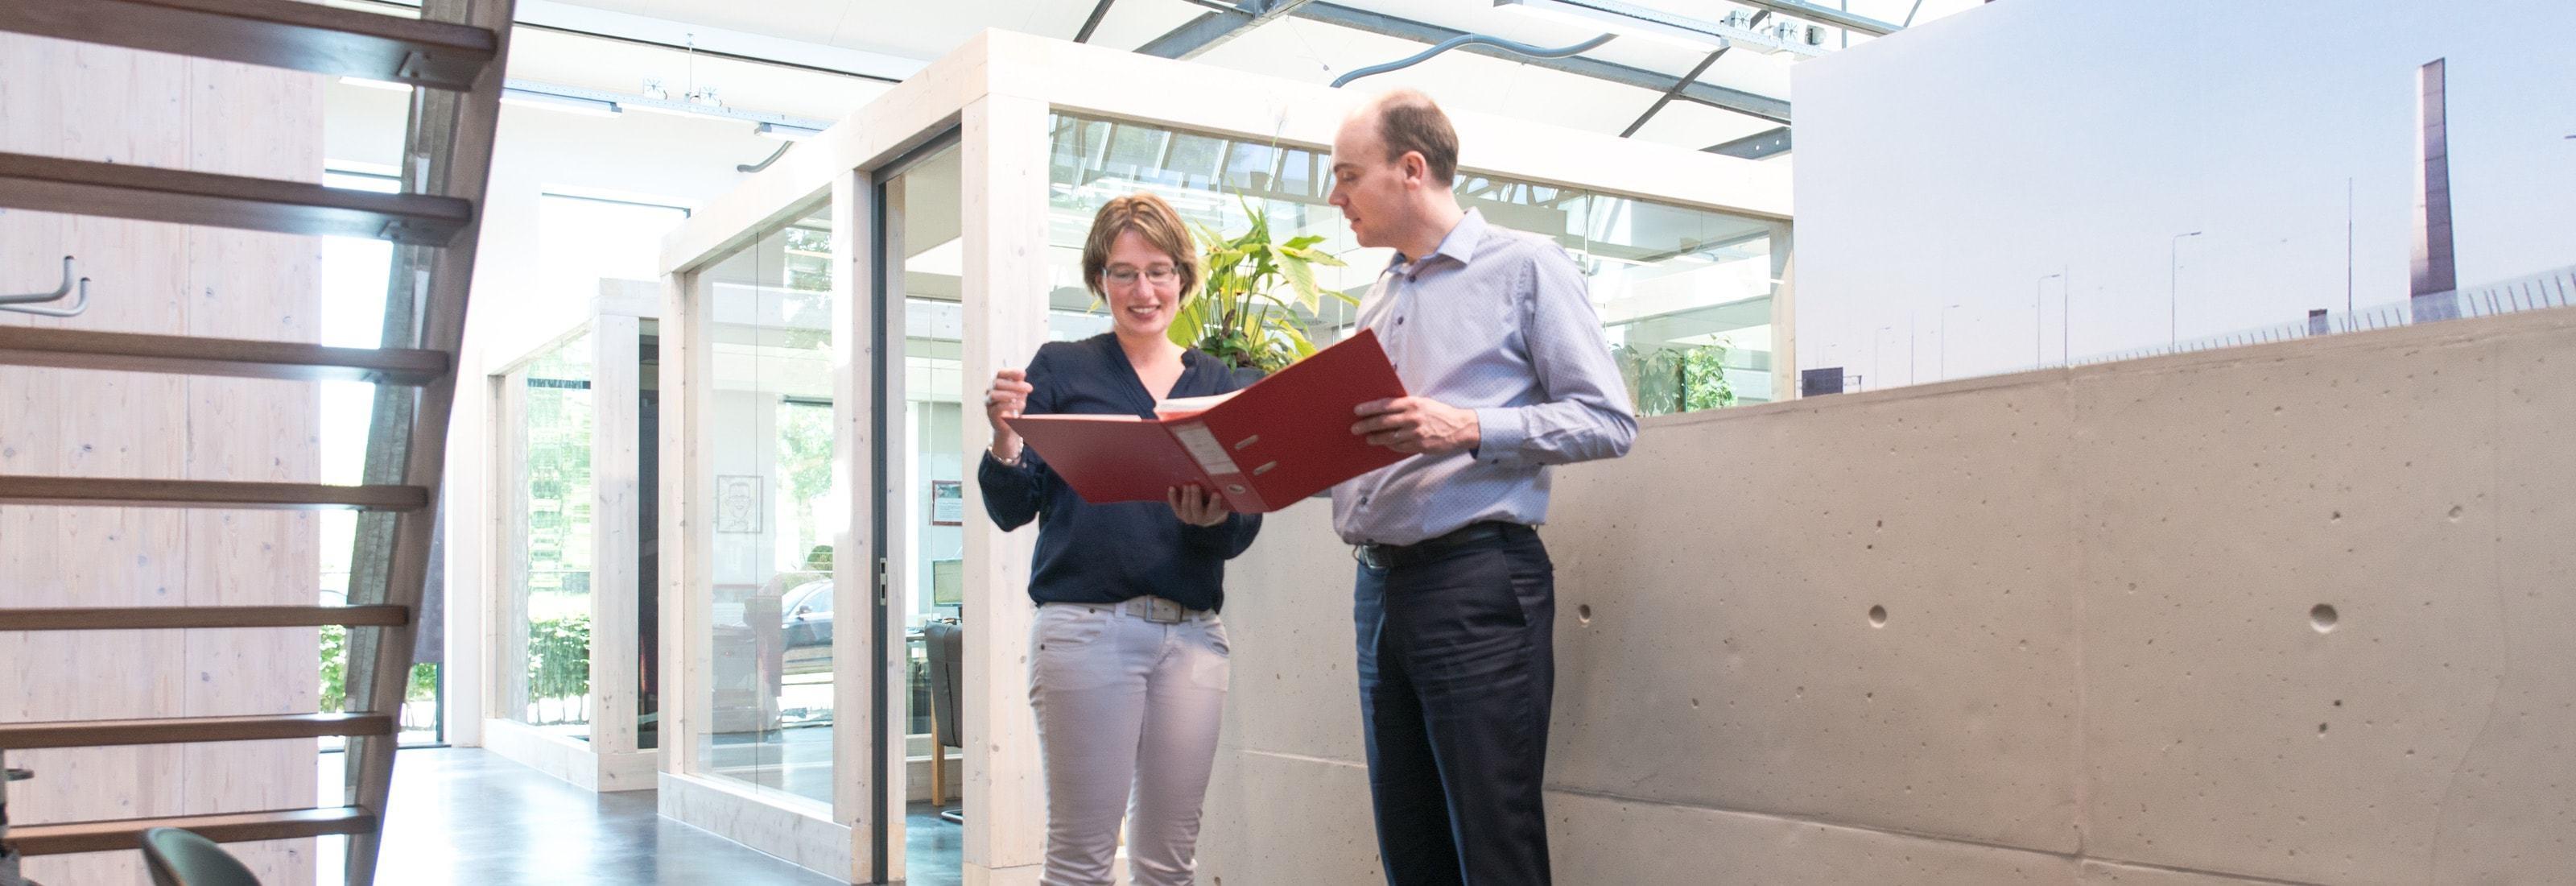 Vermetten & De Wolf - Accountantskantoor in Oisterwijk